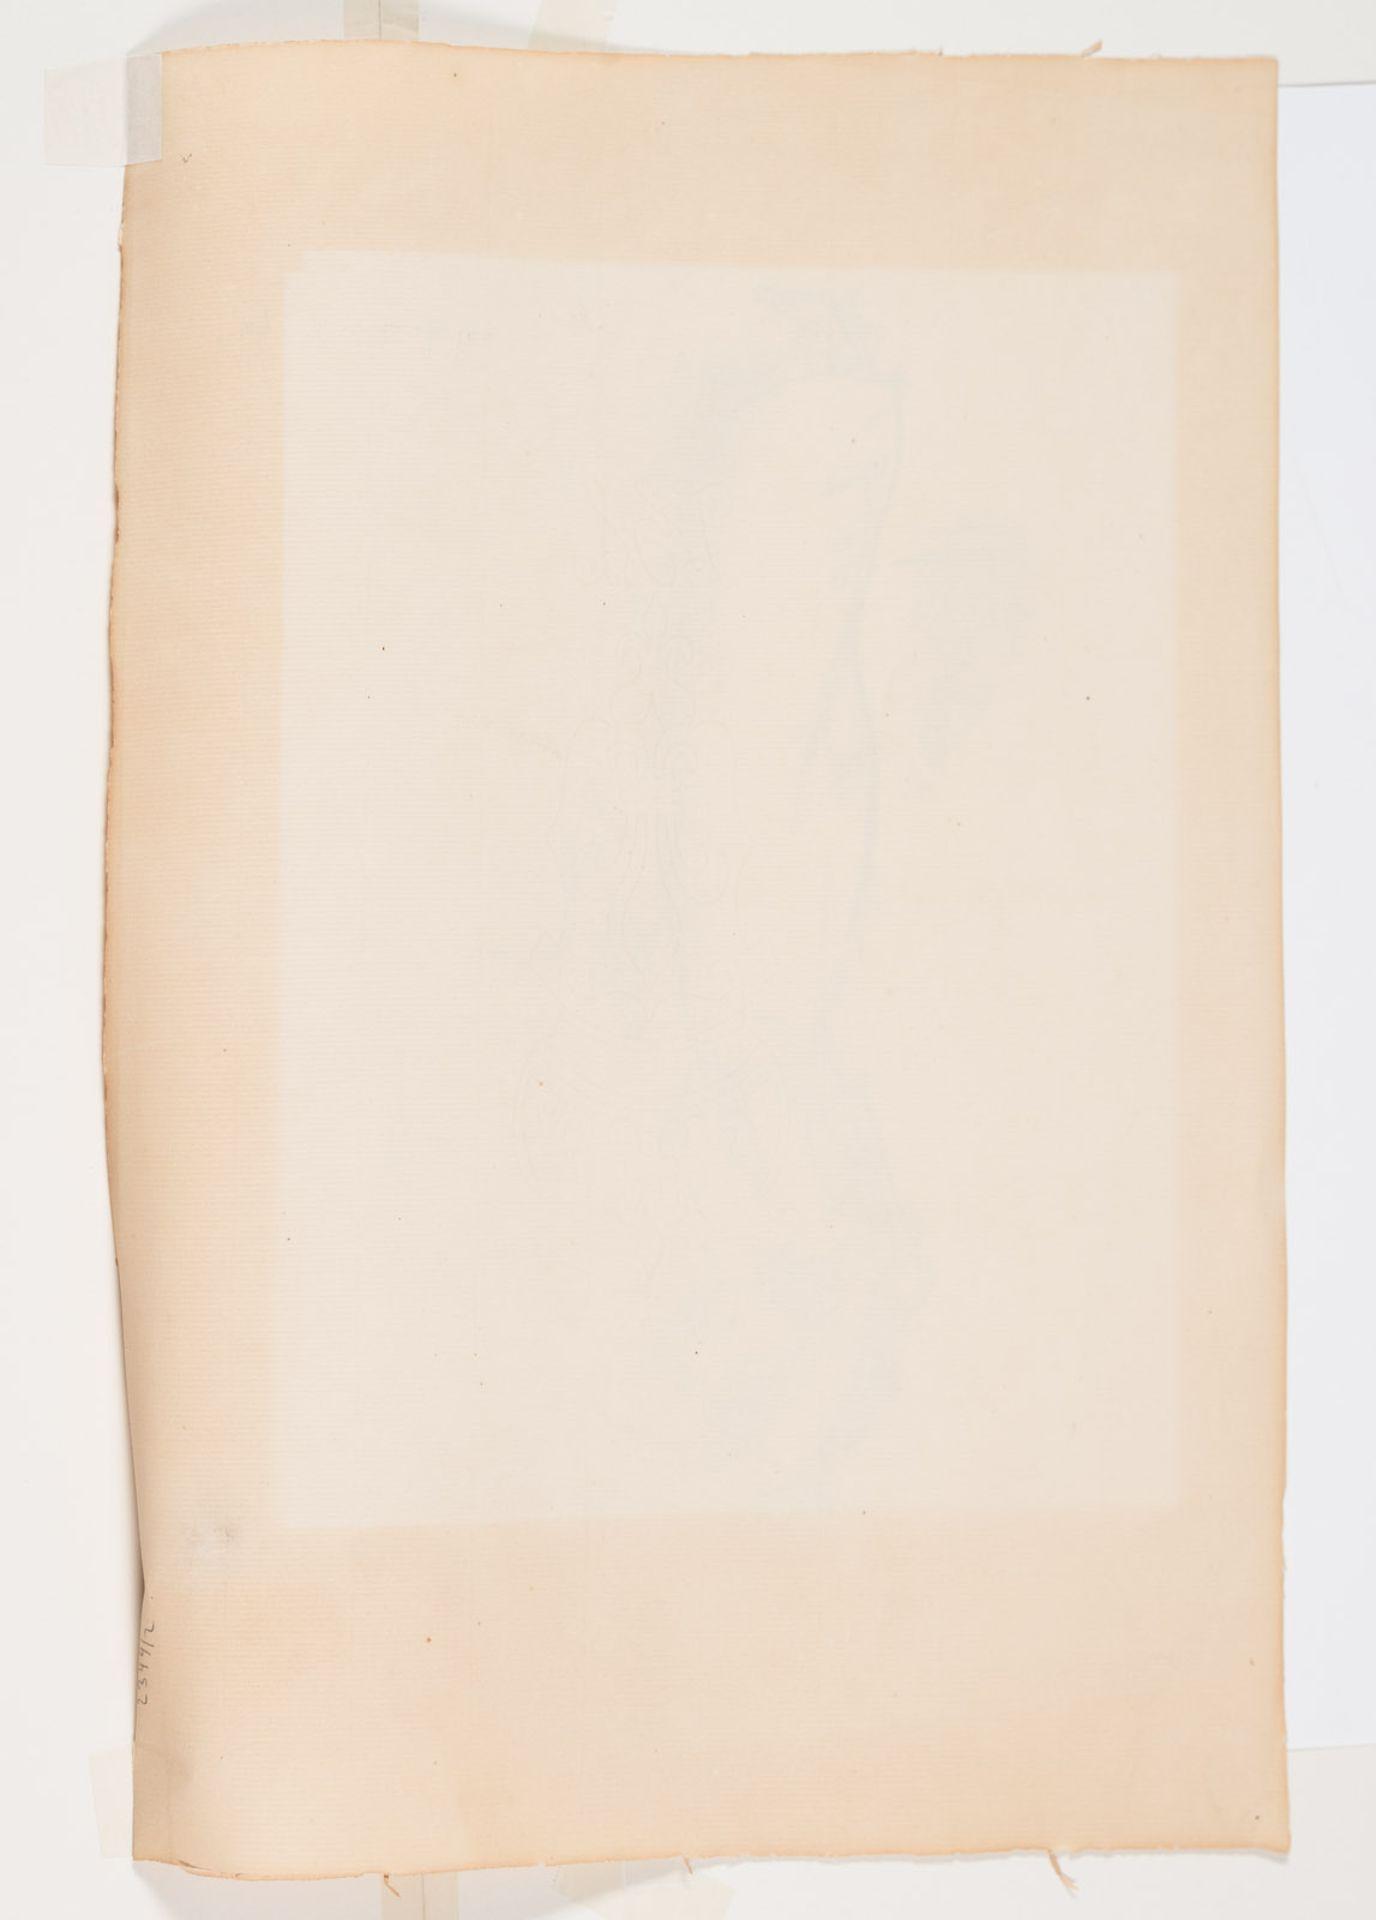 Schlichter, Rudolf - Image 6 of 6